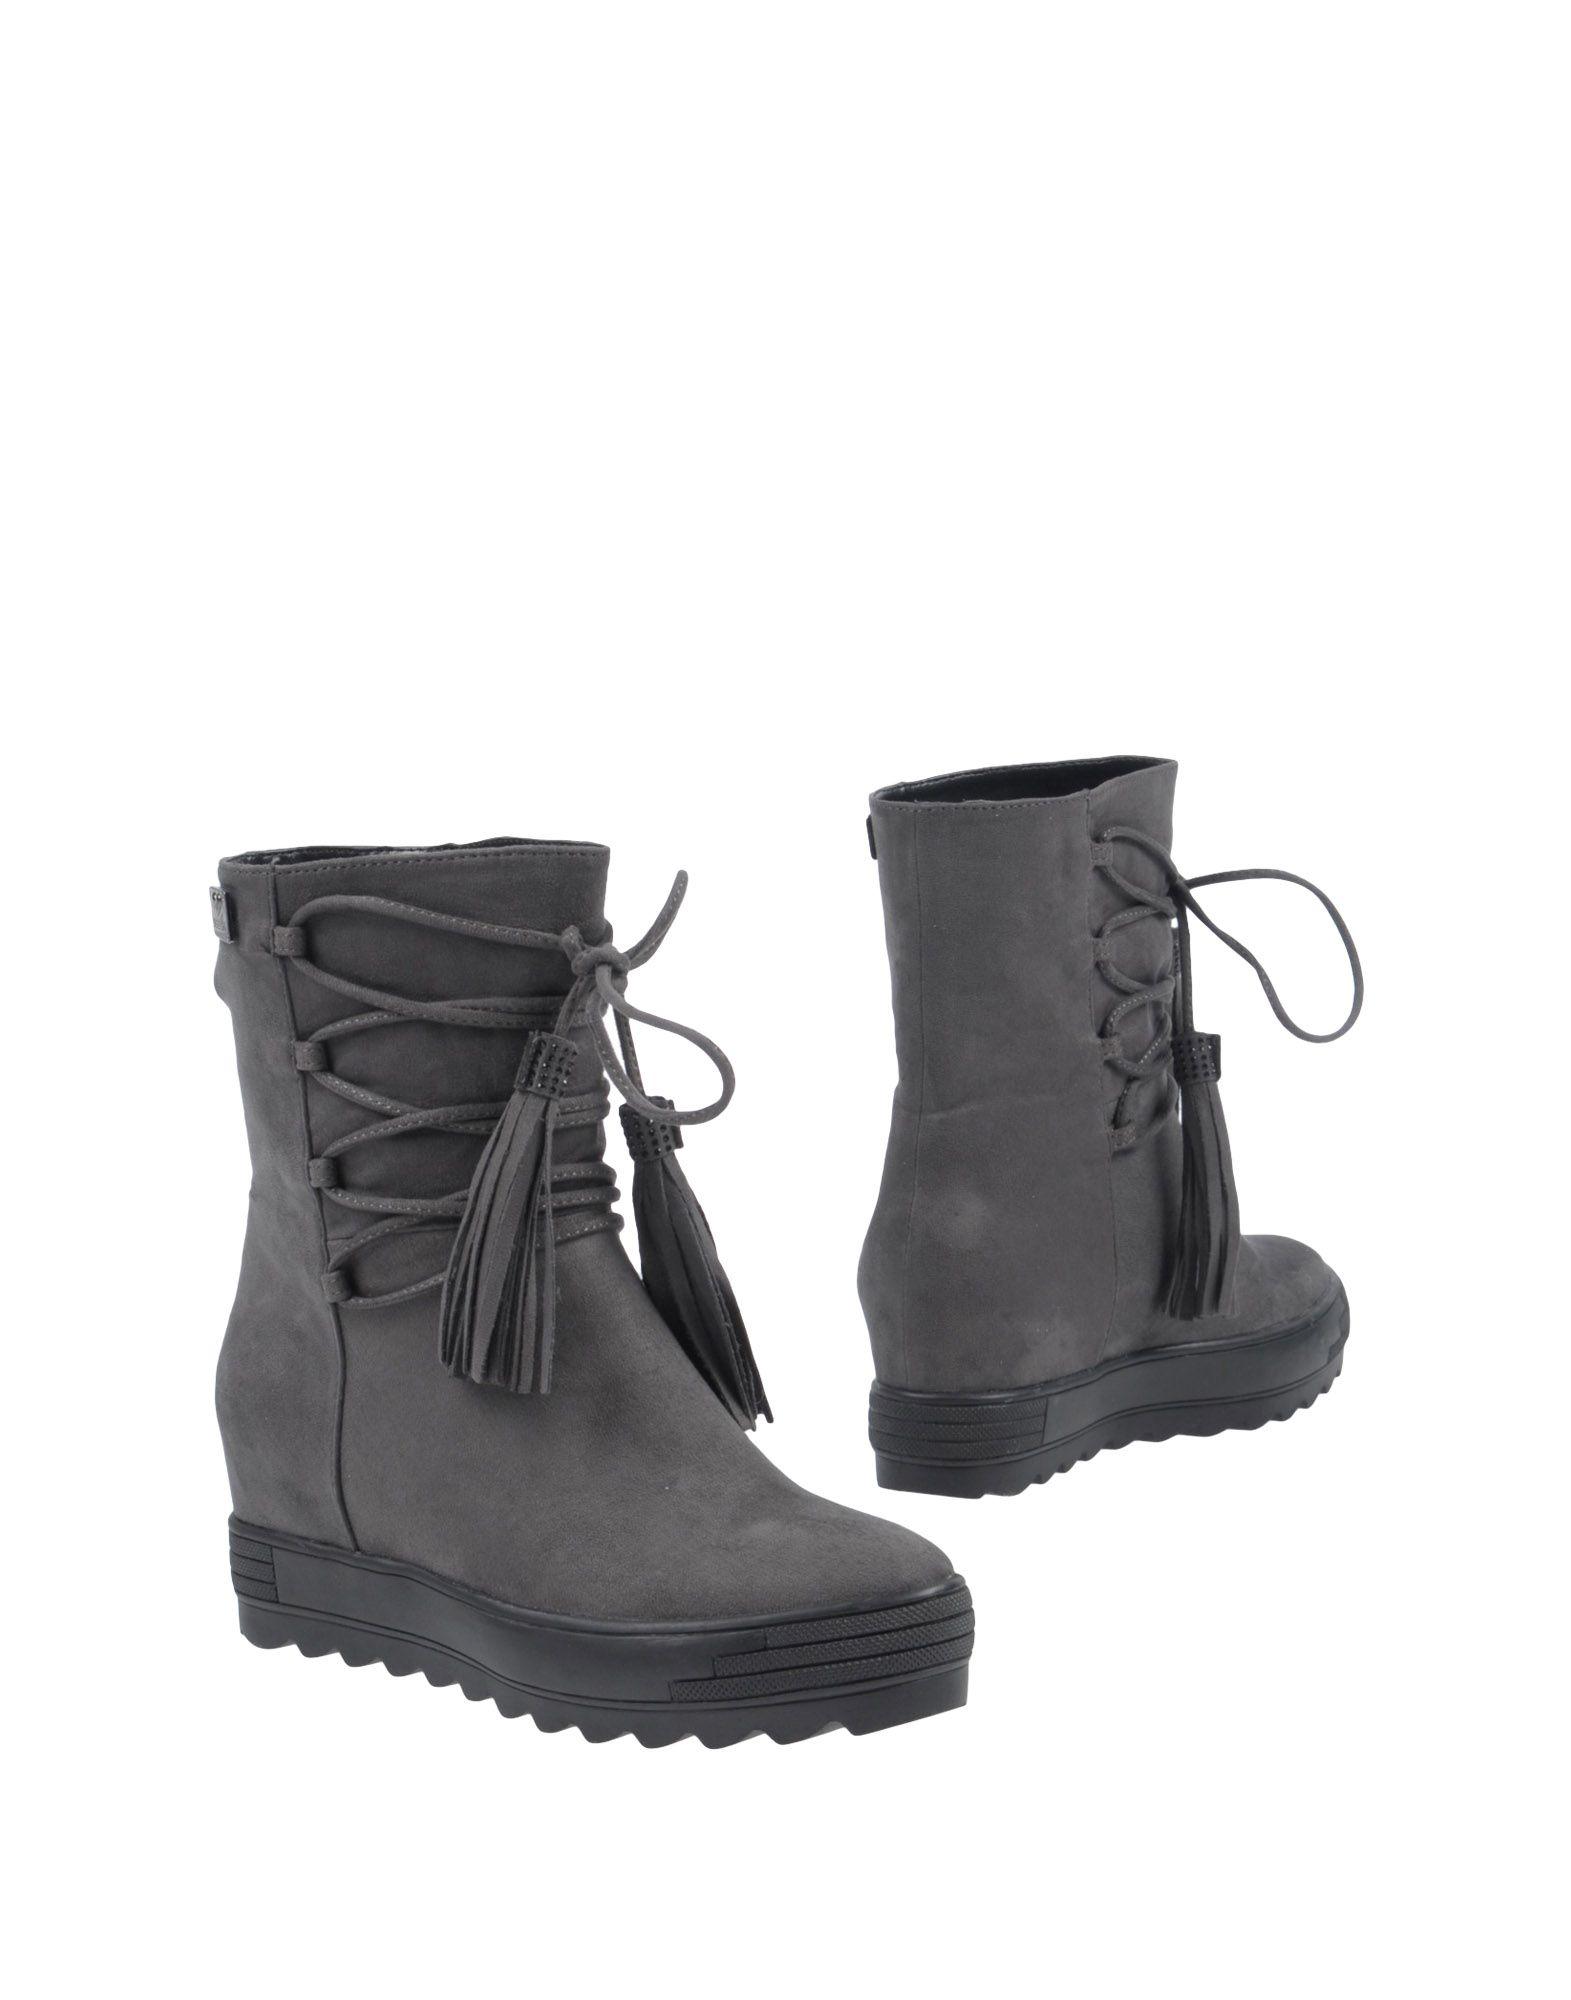 Tua By Braccialini Stiefelette Damen  11448754KR Gute Qualität beliebte Schuhe